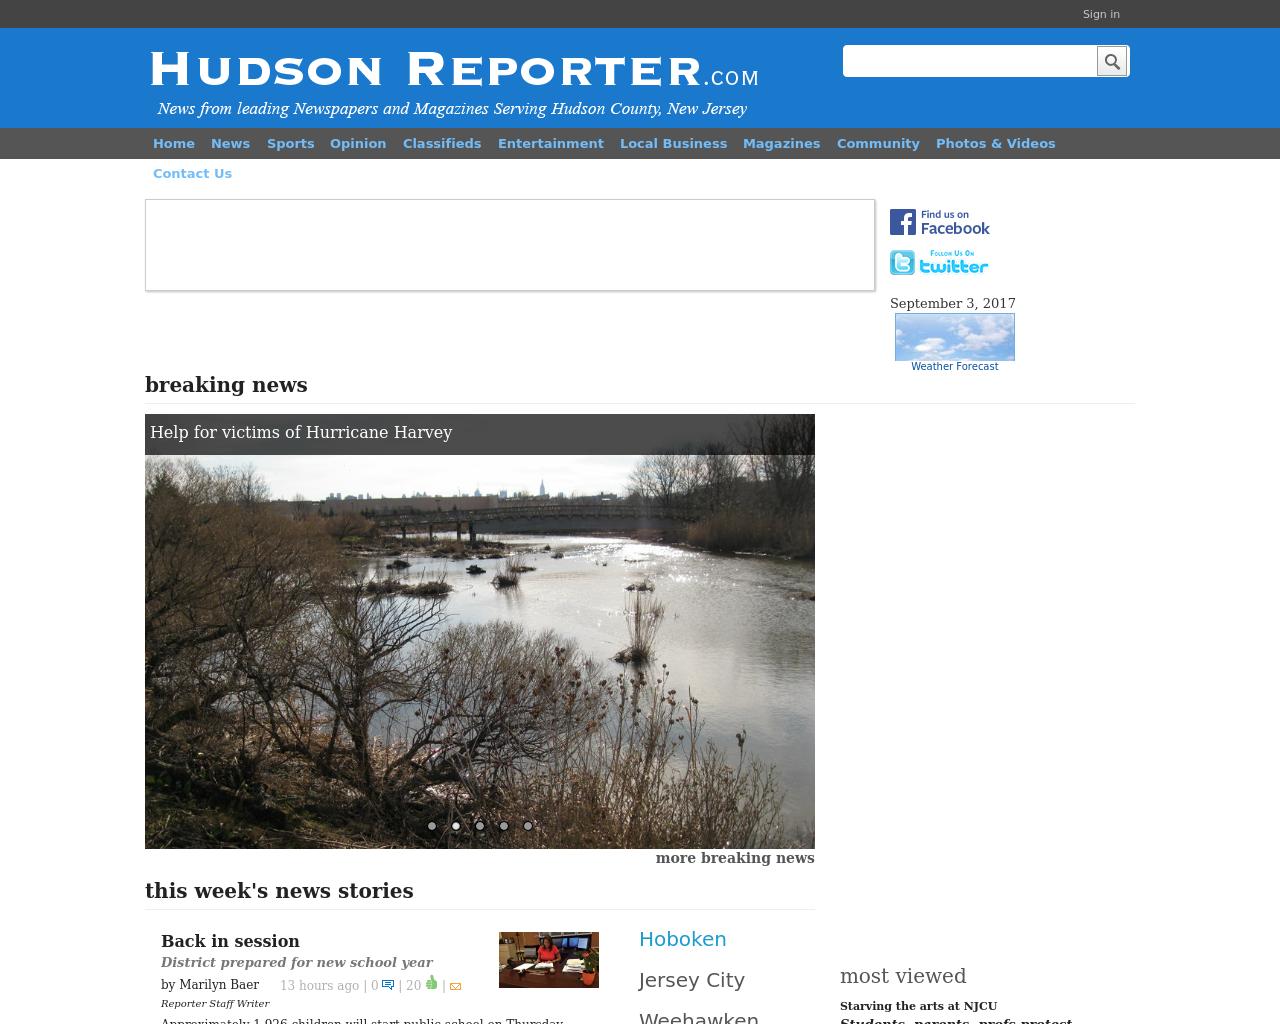 Hudson-Reporter.com-Advertising-Reviews-Pricing